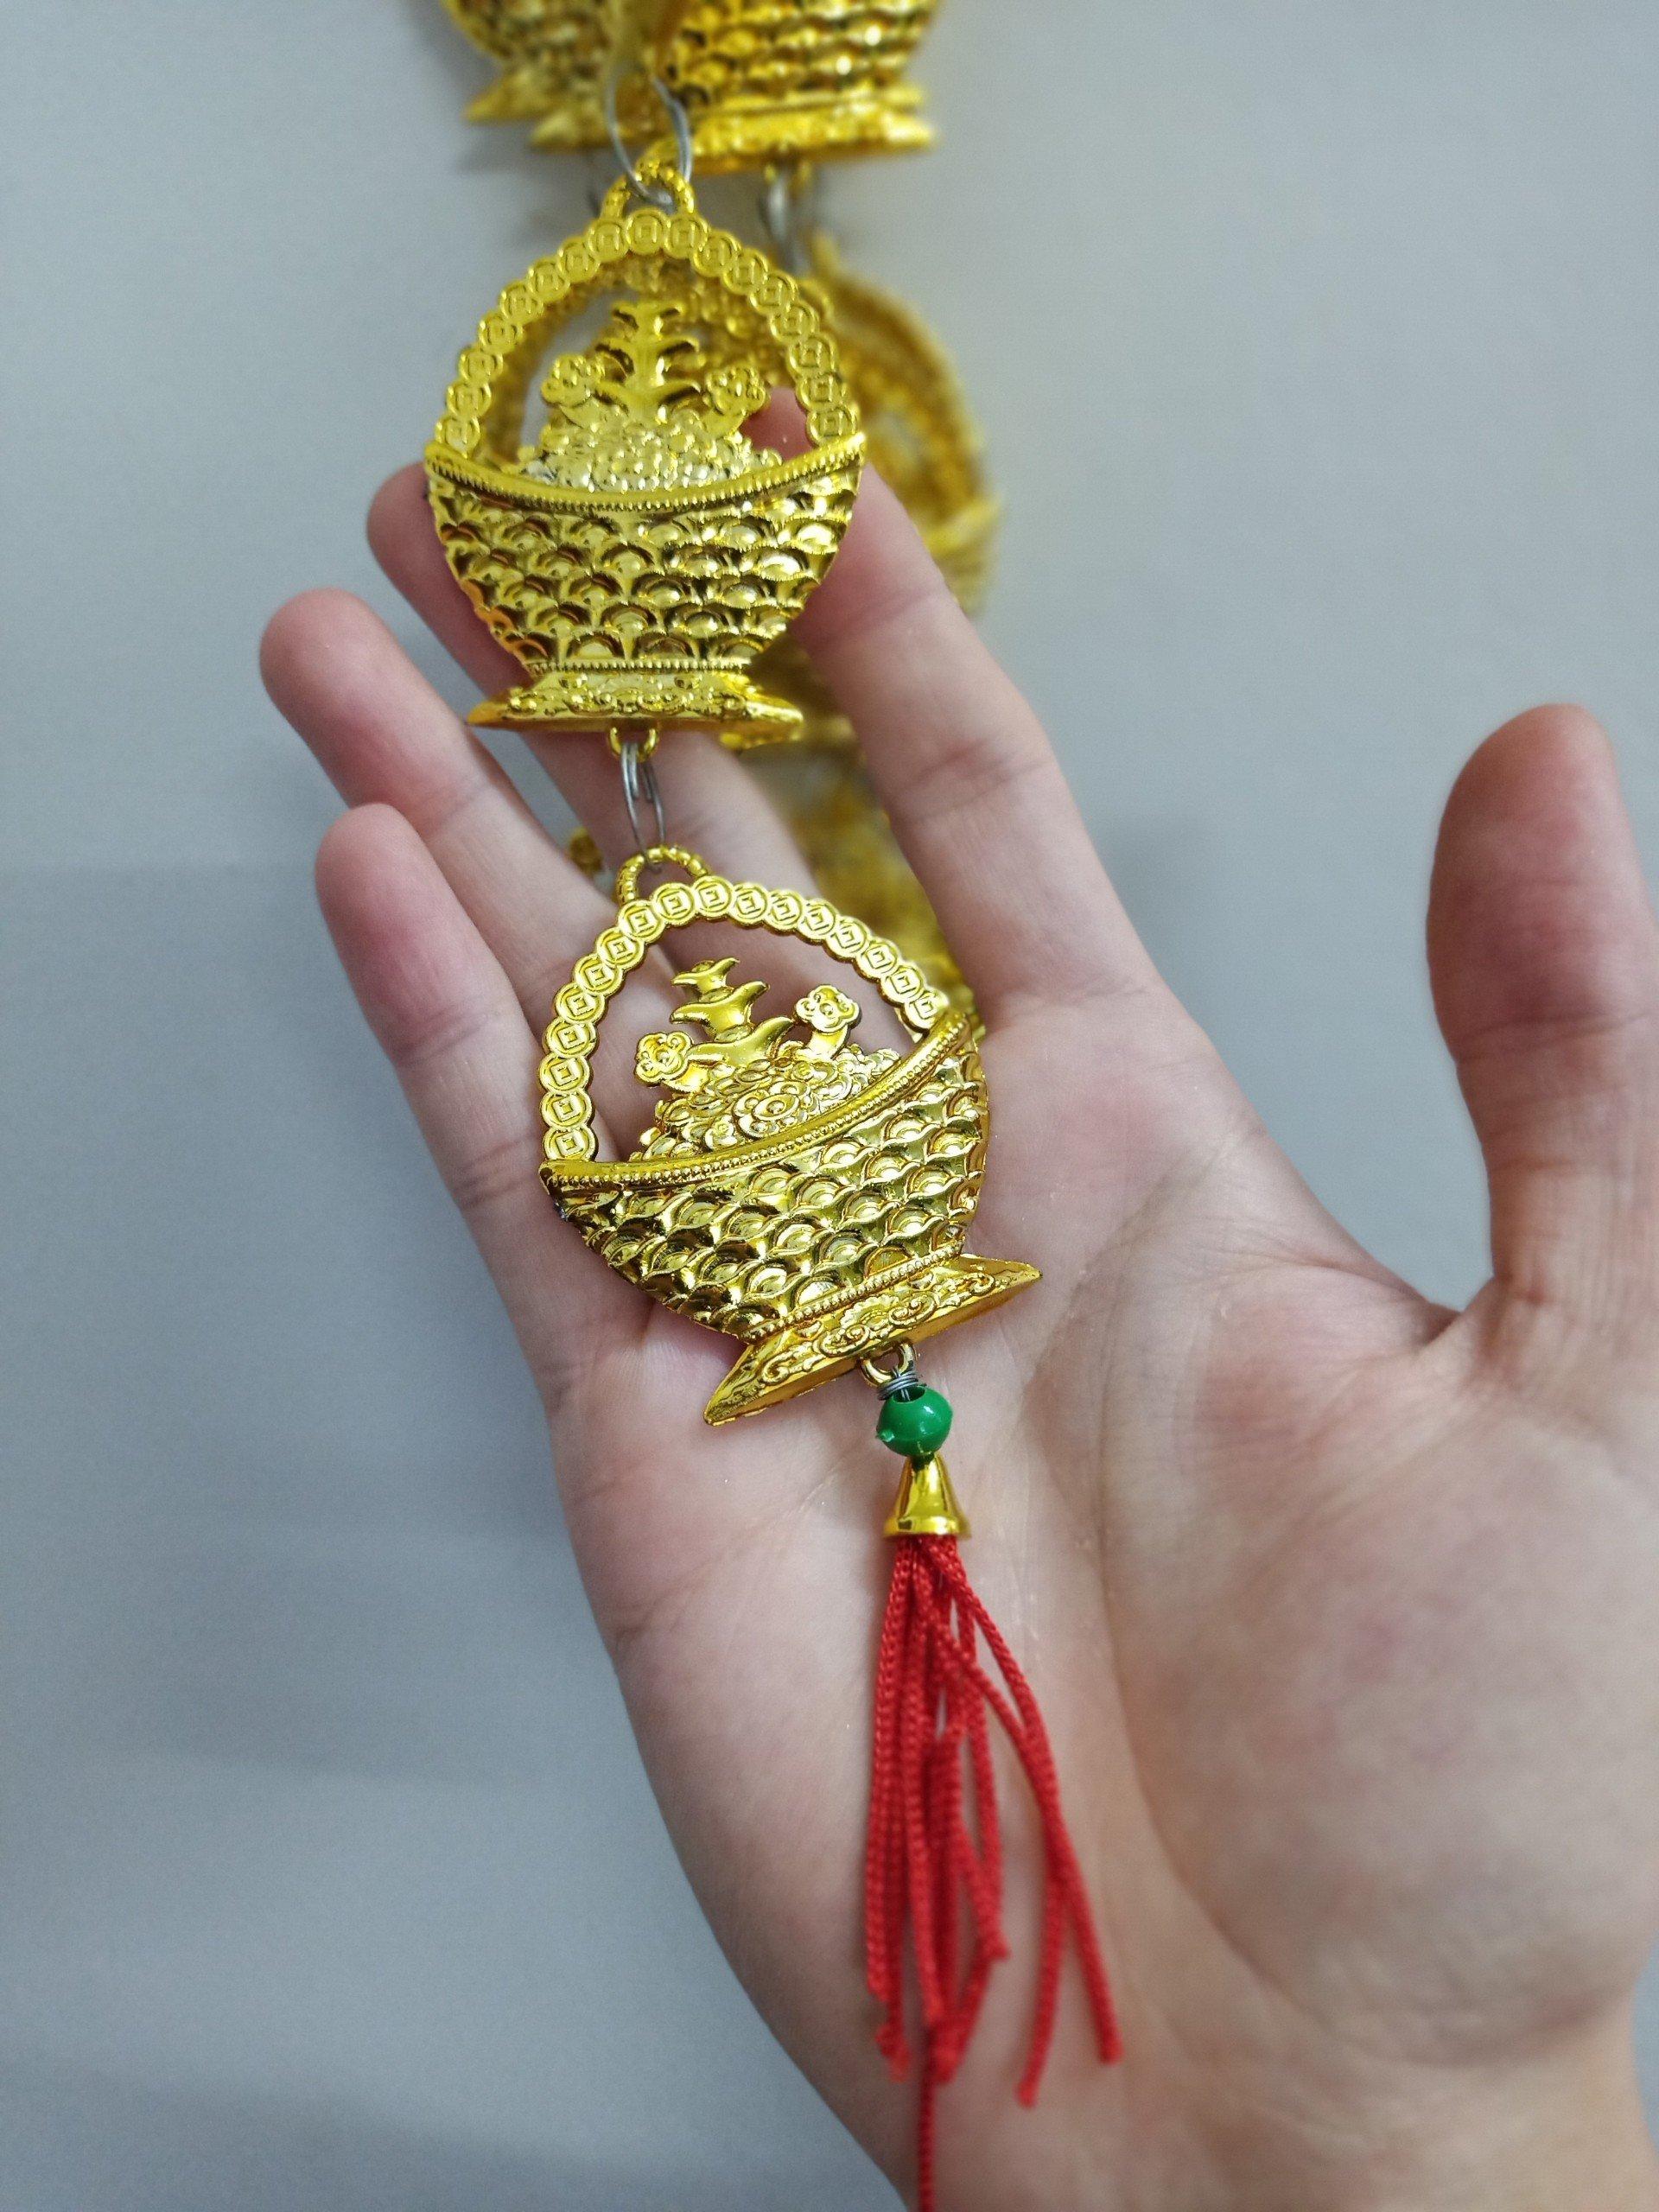 Dây lộc treo trang trí tết Giỏ vàng sung túc